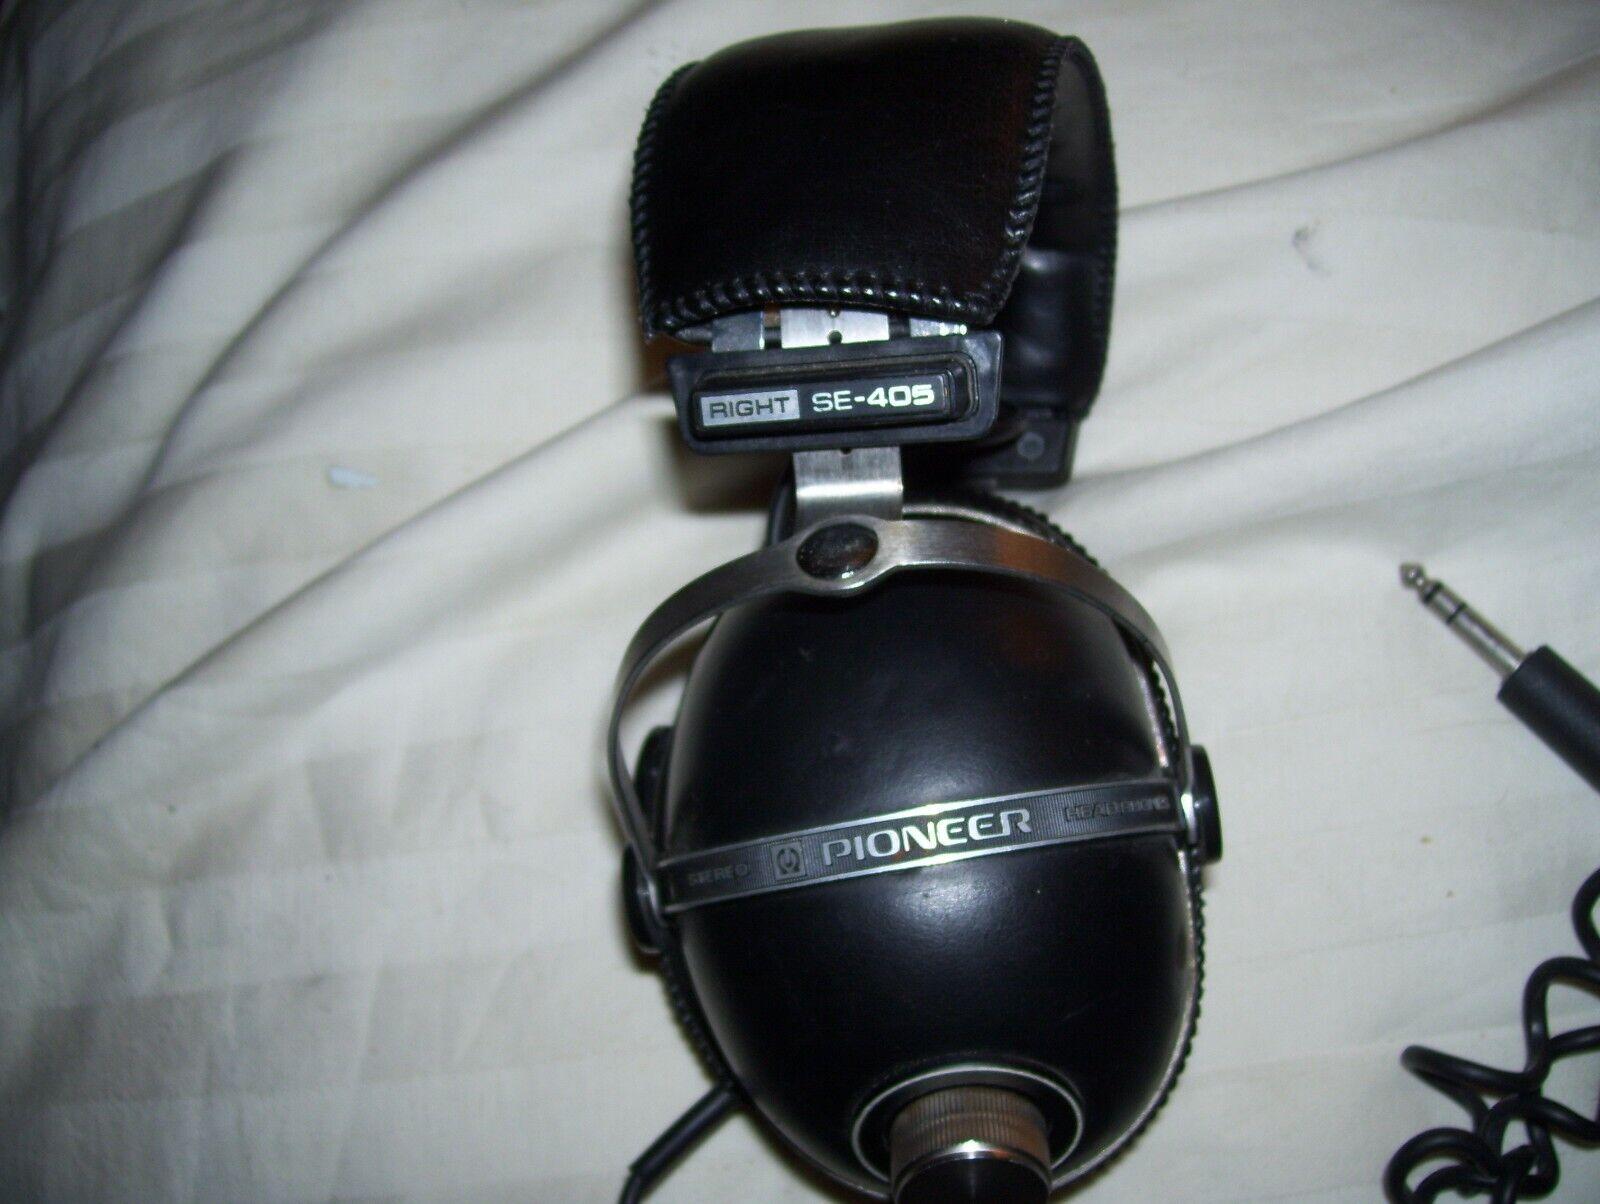 Vintage Pioneer SE-405 Stereo Headphones Untested Parts Or Repair - $8.99